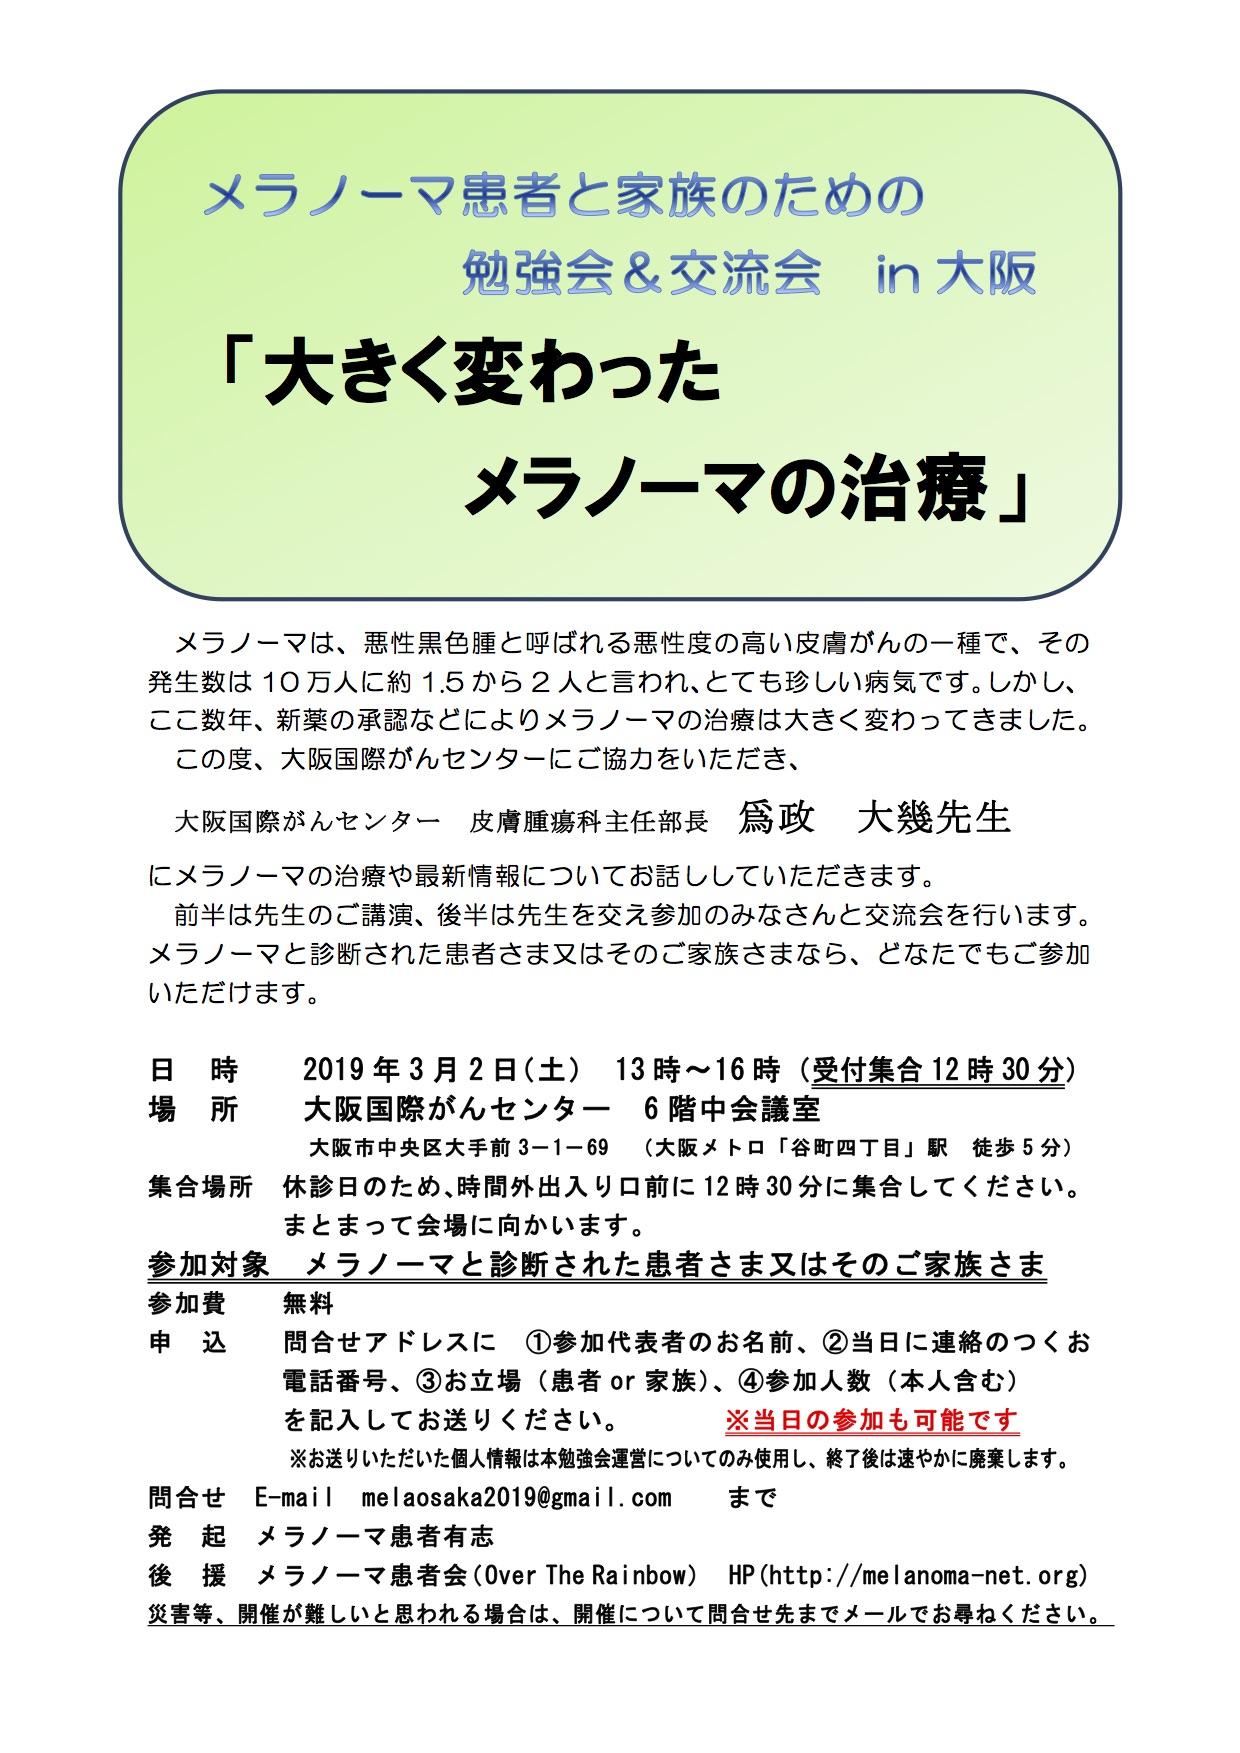 【再掲】3/2 大阪「メラノーマ患者と家族のための勉強会&交流会」のお知らせ